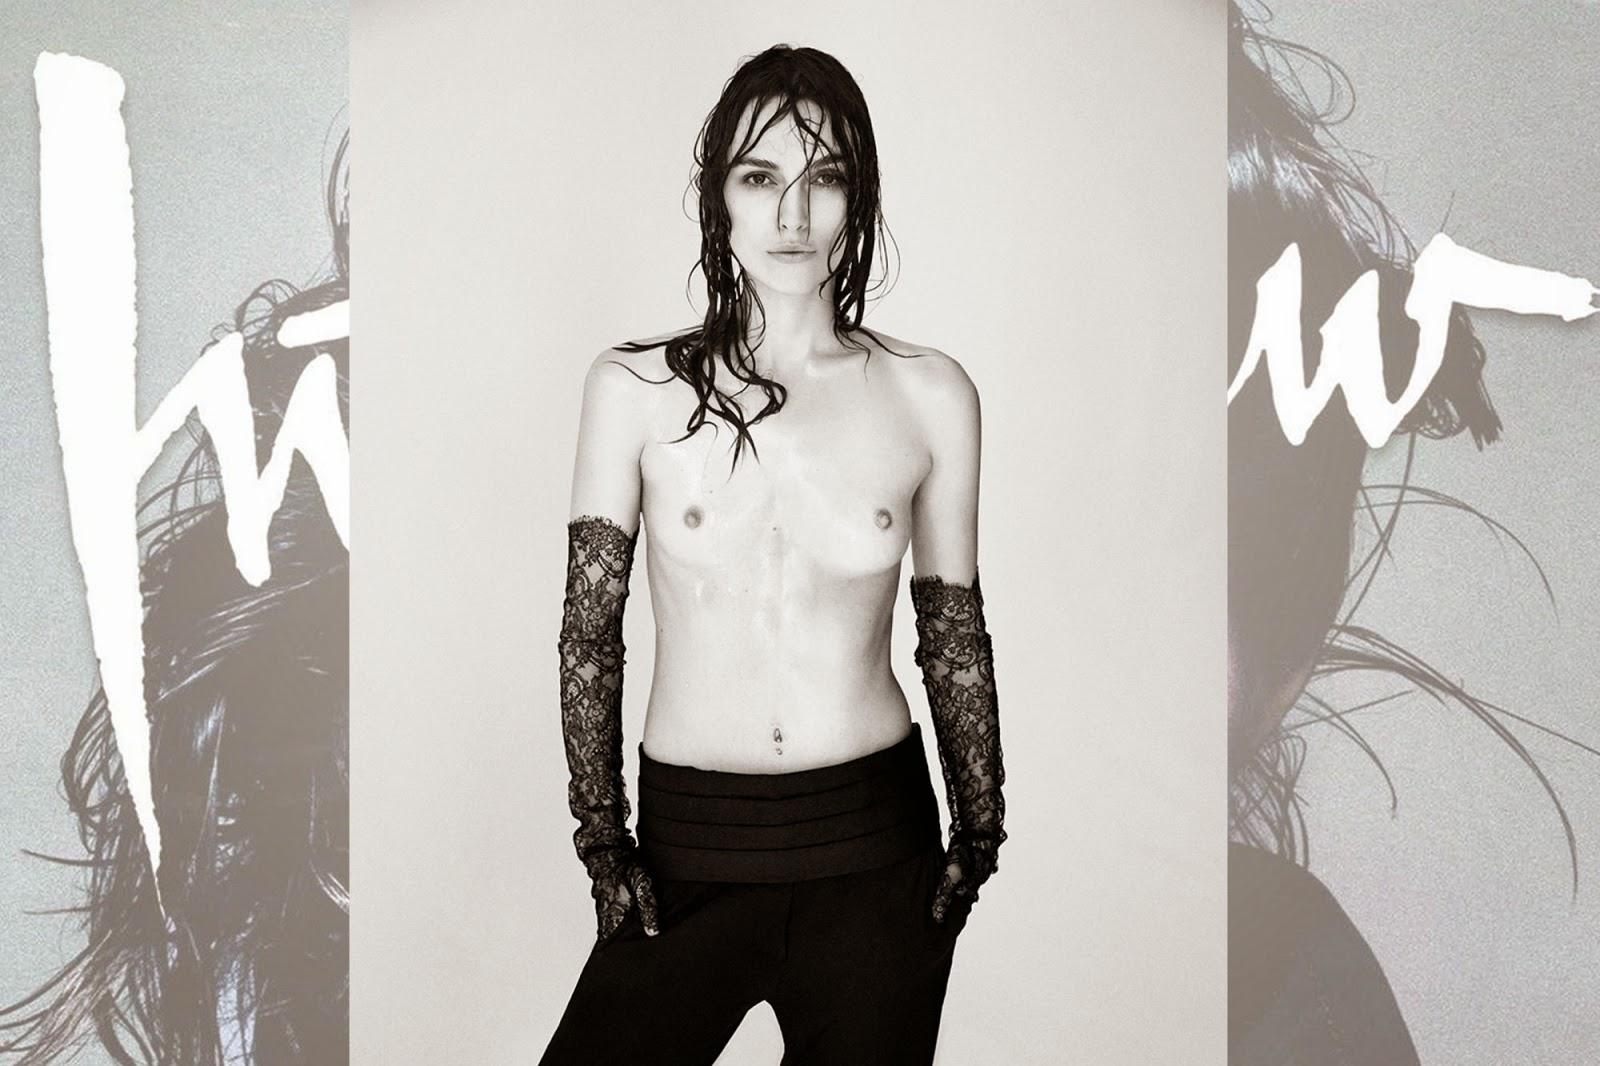 Nude keira knightley photoshop